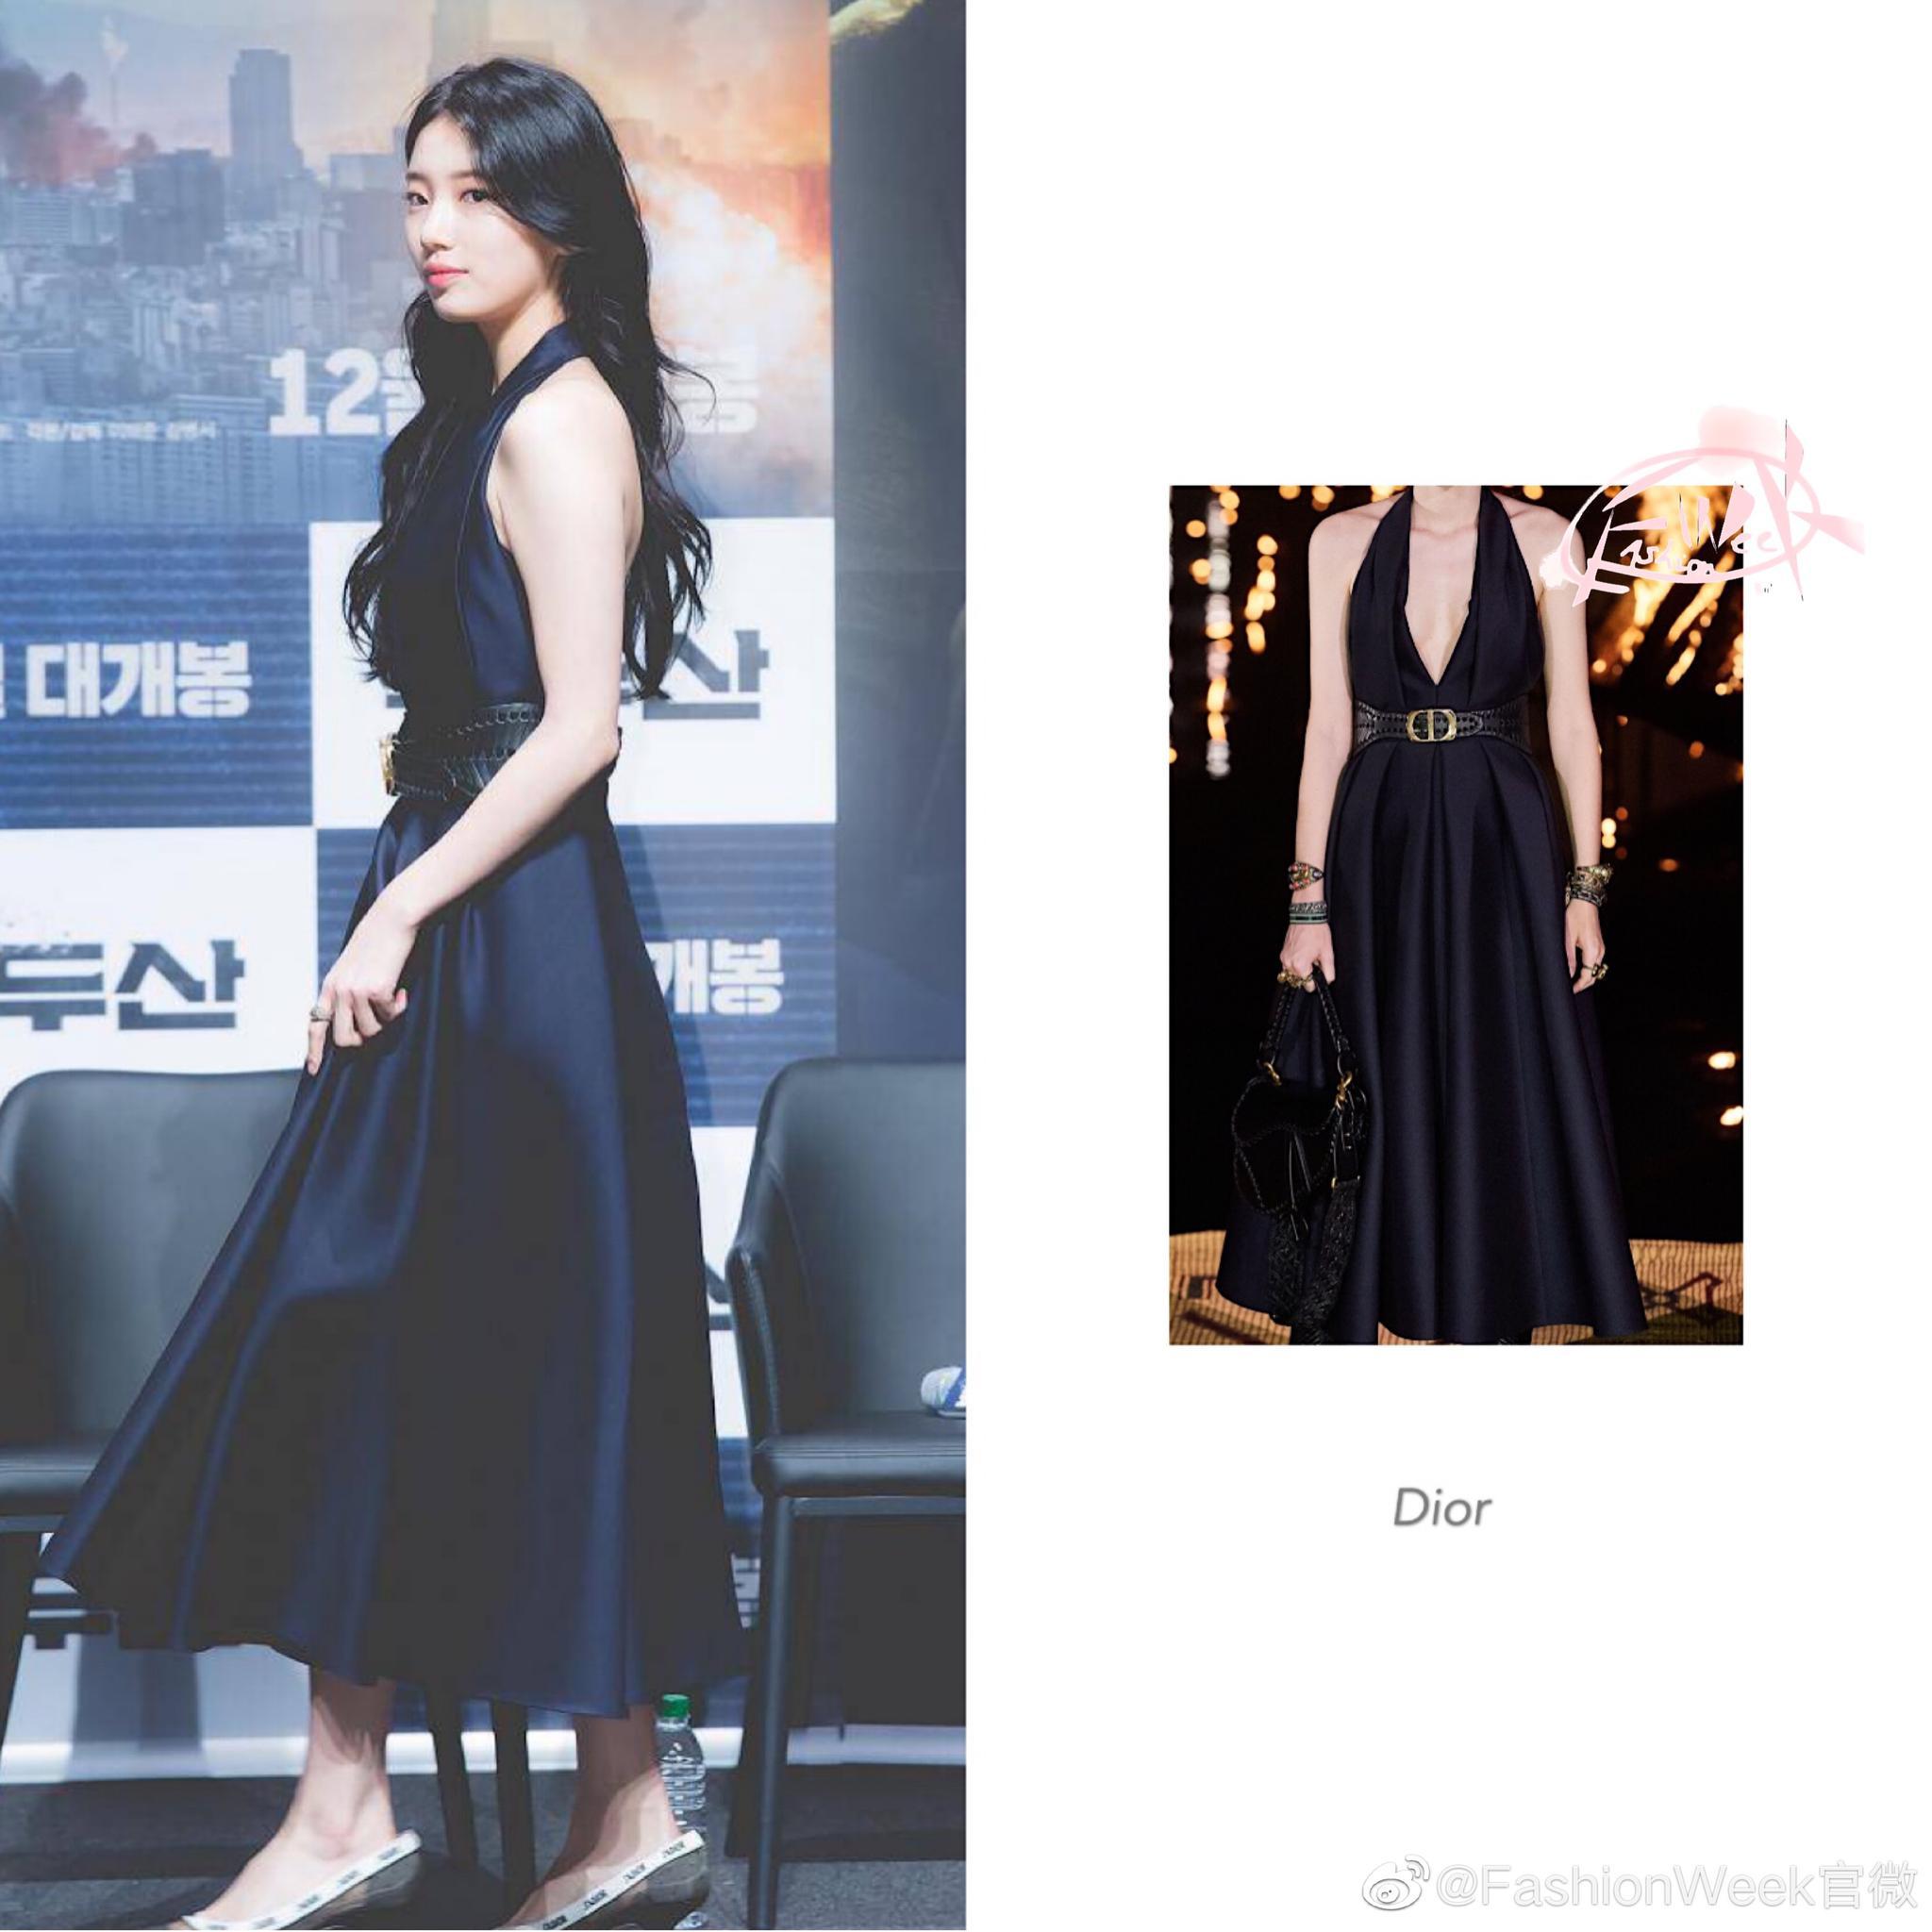 裴秀智|身穿Christian Dior露背长裙出席电影《长白山》制作发布会